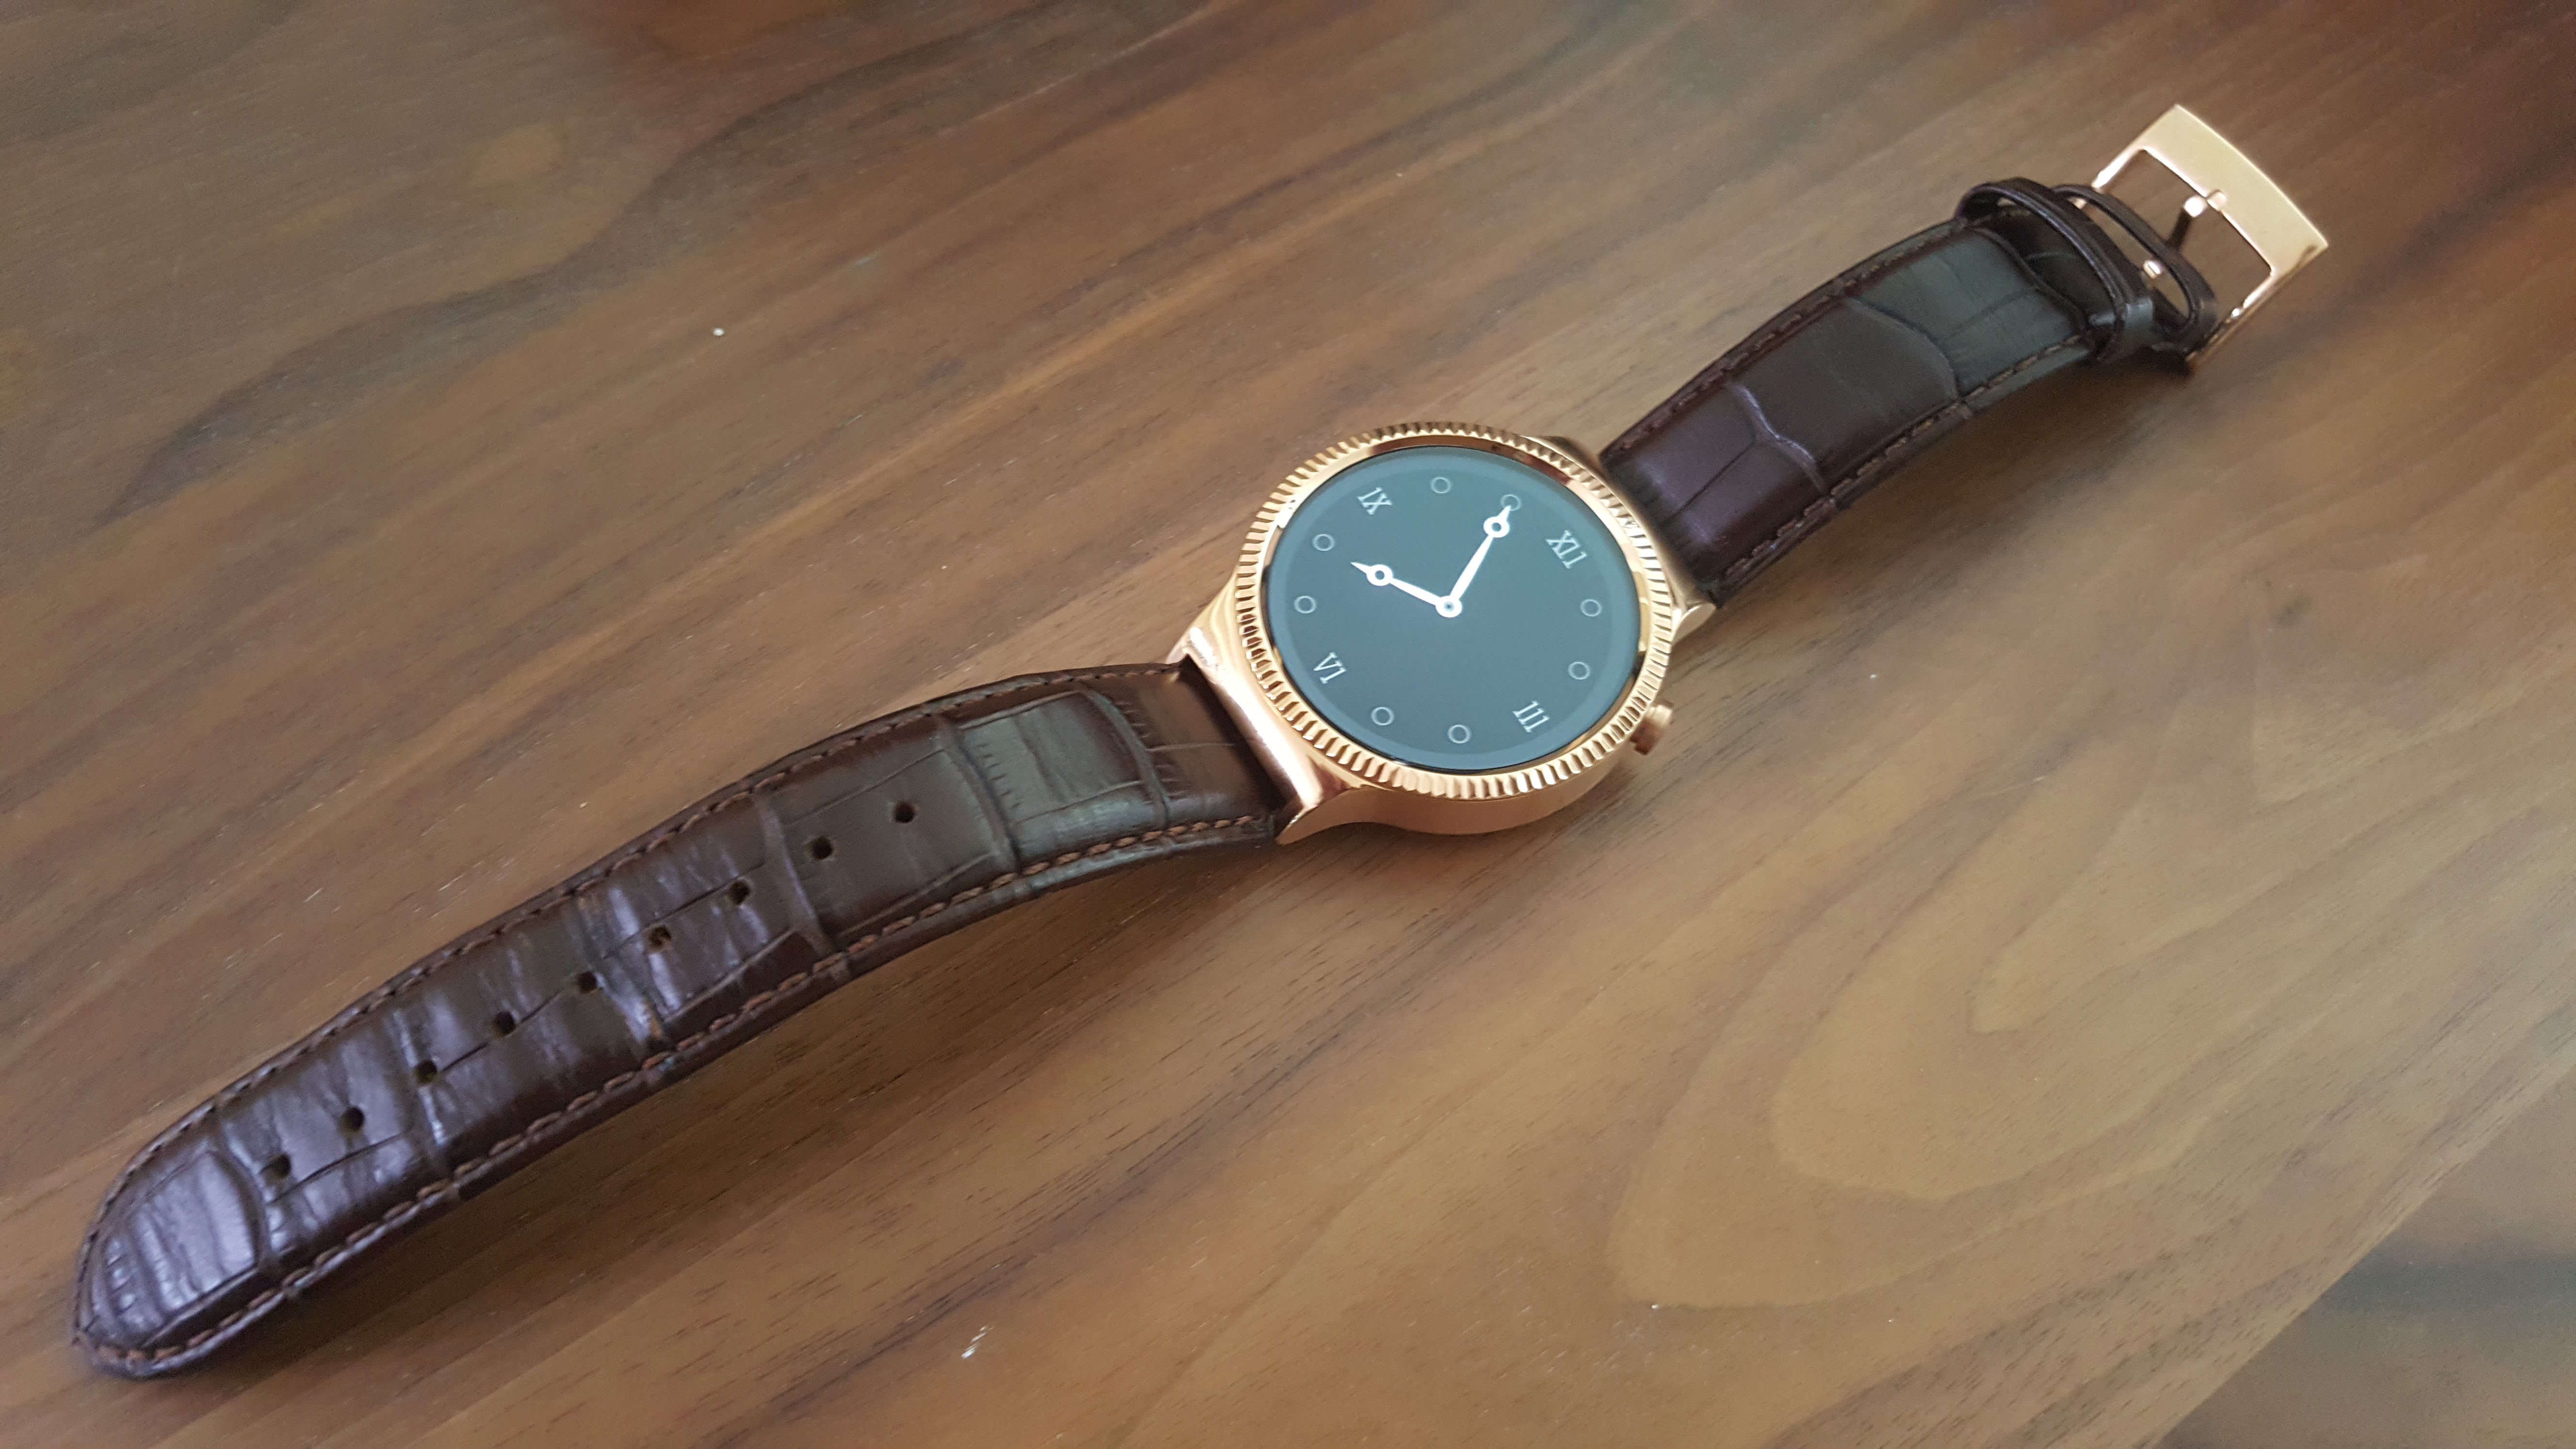 ed22af4882ed2 O Huawei Watch é um relógio inteligente de luxo um pouco grande ...